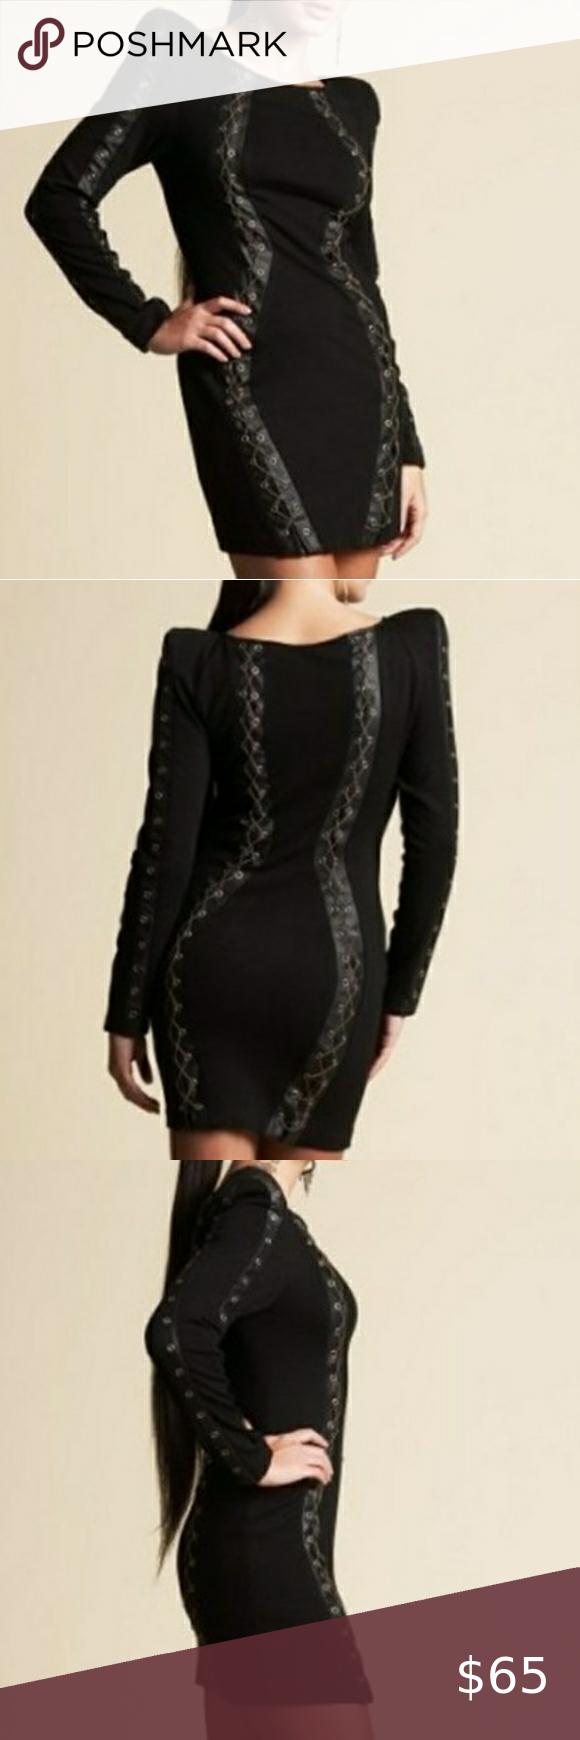 Bebe Kardashians Black Chain Corset Dress Size M Corset Dress Black Chain Dresses [ 1740 x 580 Pixel ]